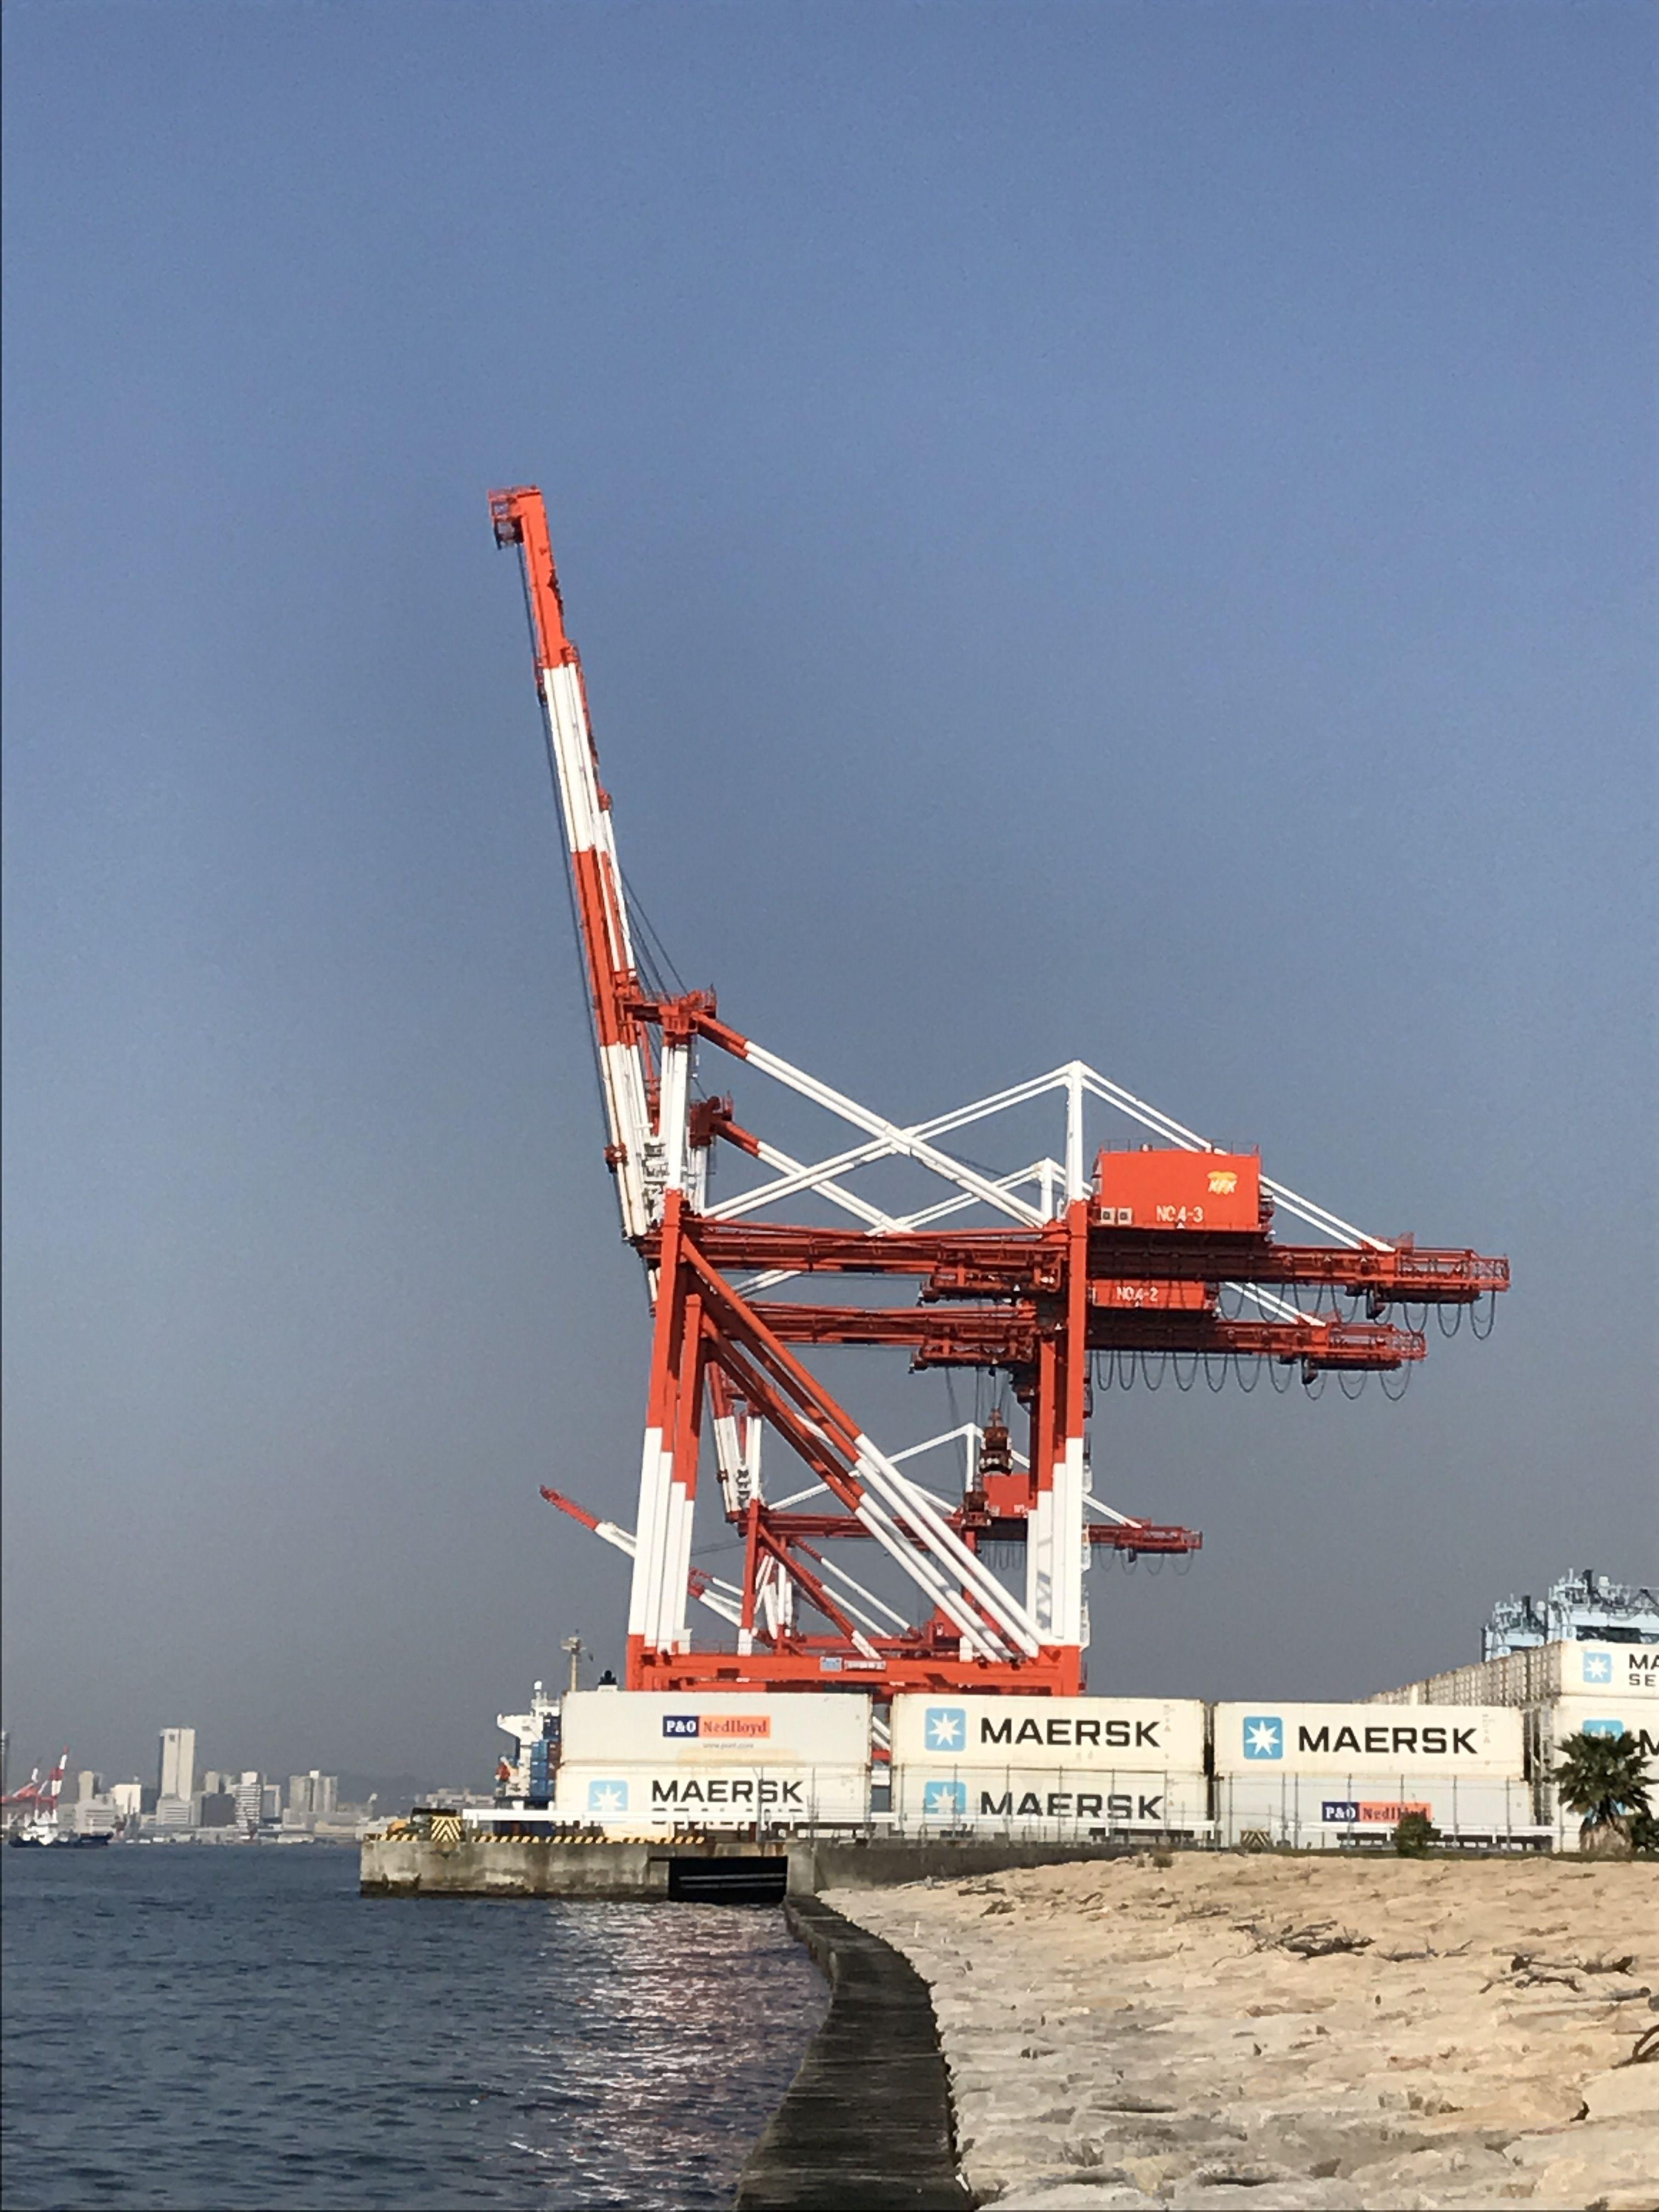 神戸 ガントリークレーン 六甲アイランド マリンパーク Gantry Crane Gantry Crane Of Marine Park Of Kobe Rokko Island Here Is A Place Where You Can See The Giraffe In Its P 神戸 神戸港 アイランド